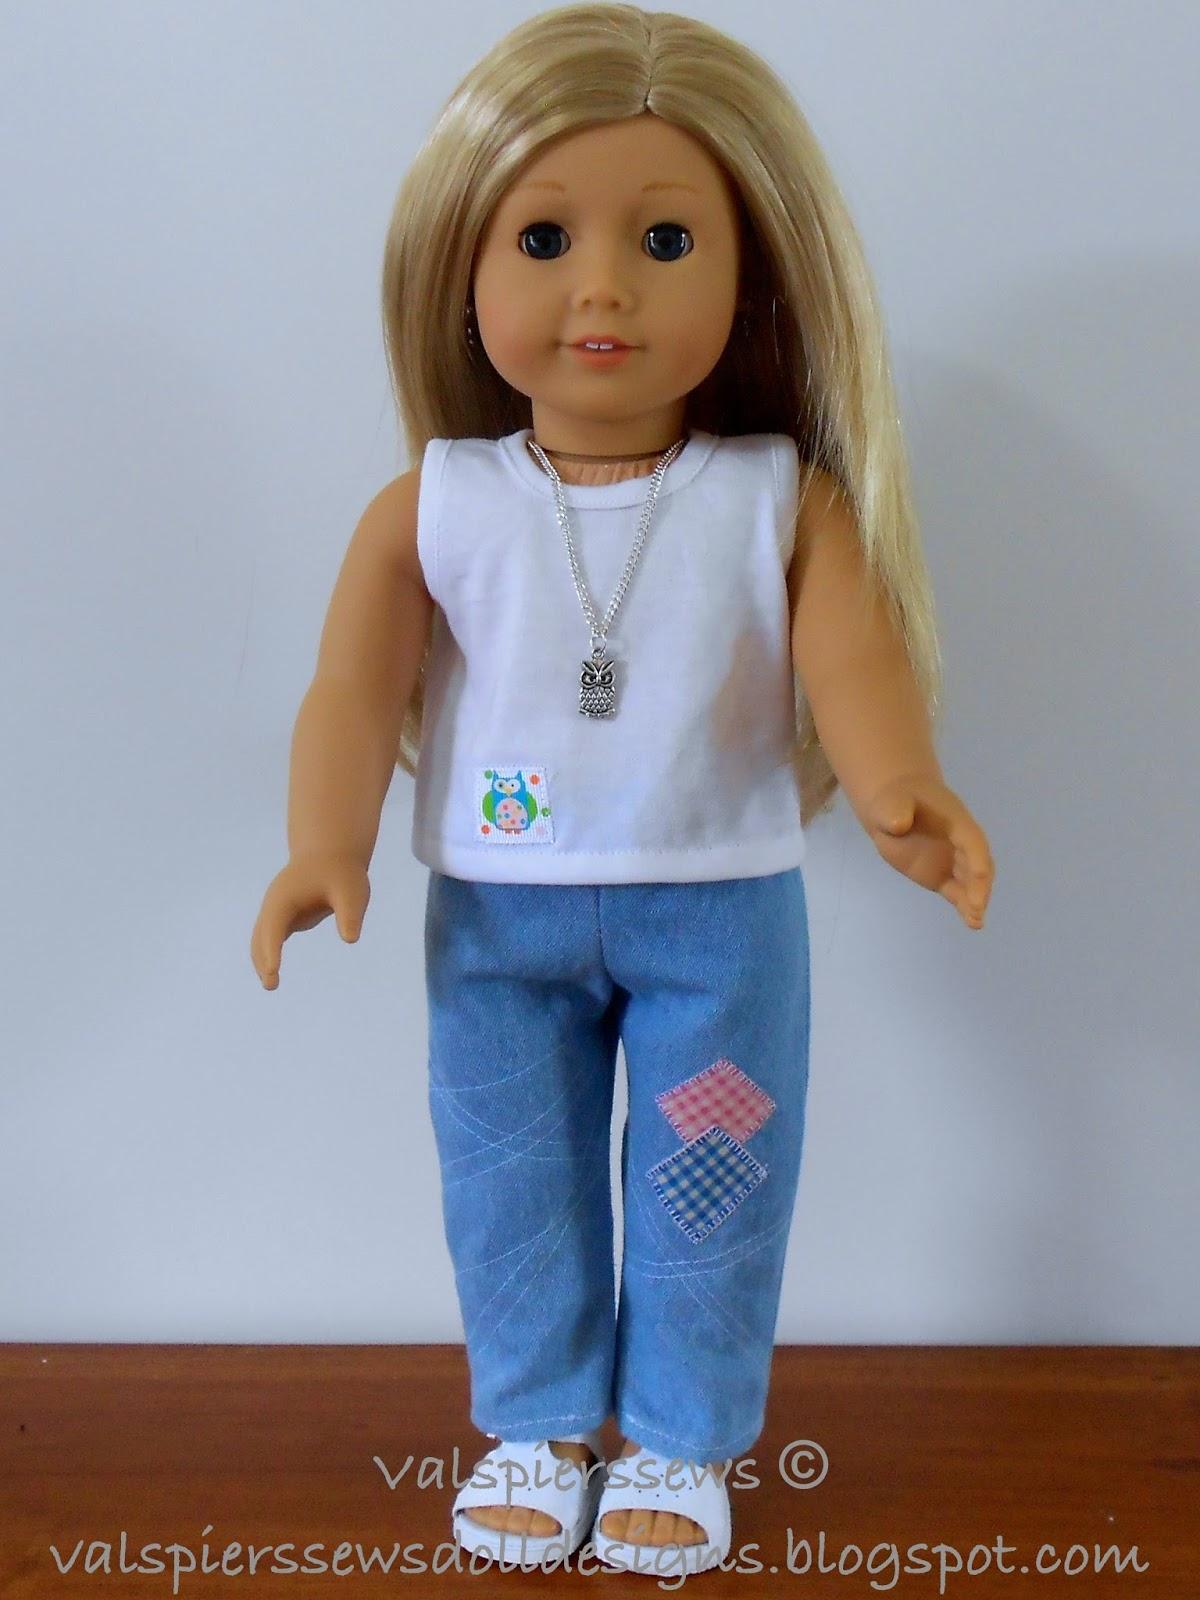 Doll Clothes Patterns Valspierssews Sew